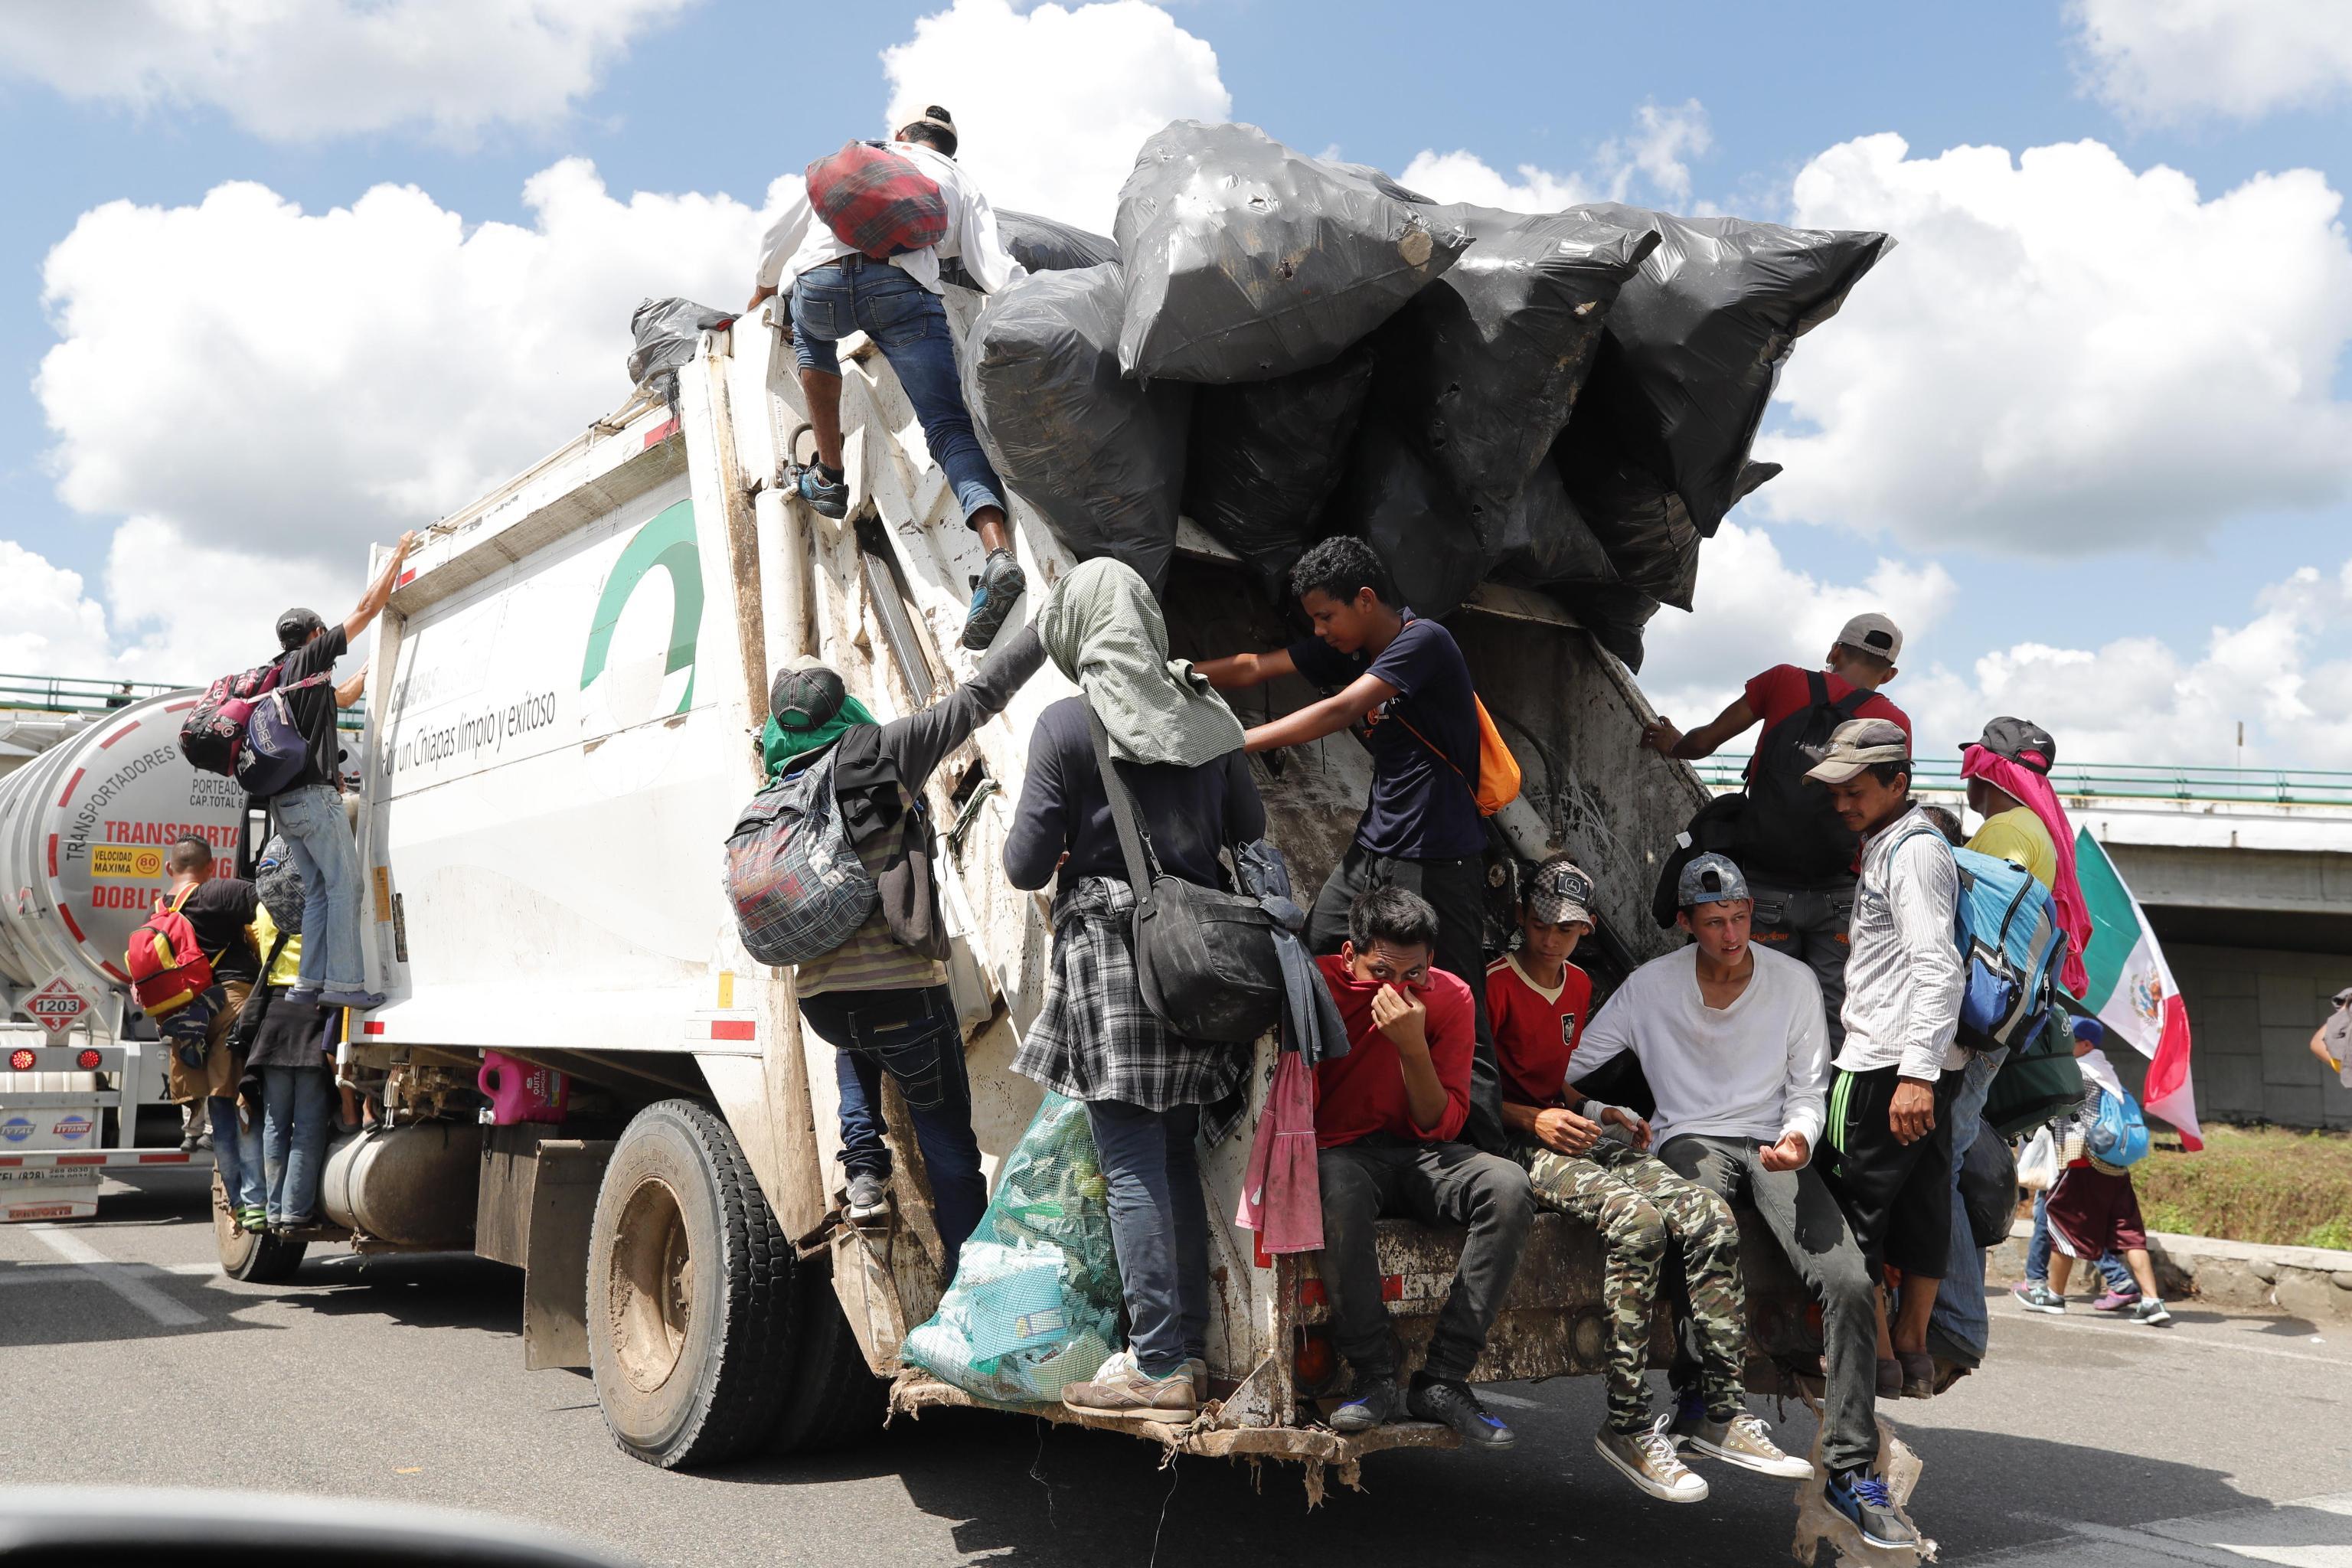 Migranti honduregni sui mezzi di fortuna lungo il percorso verso gli Stati Uniti